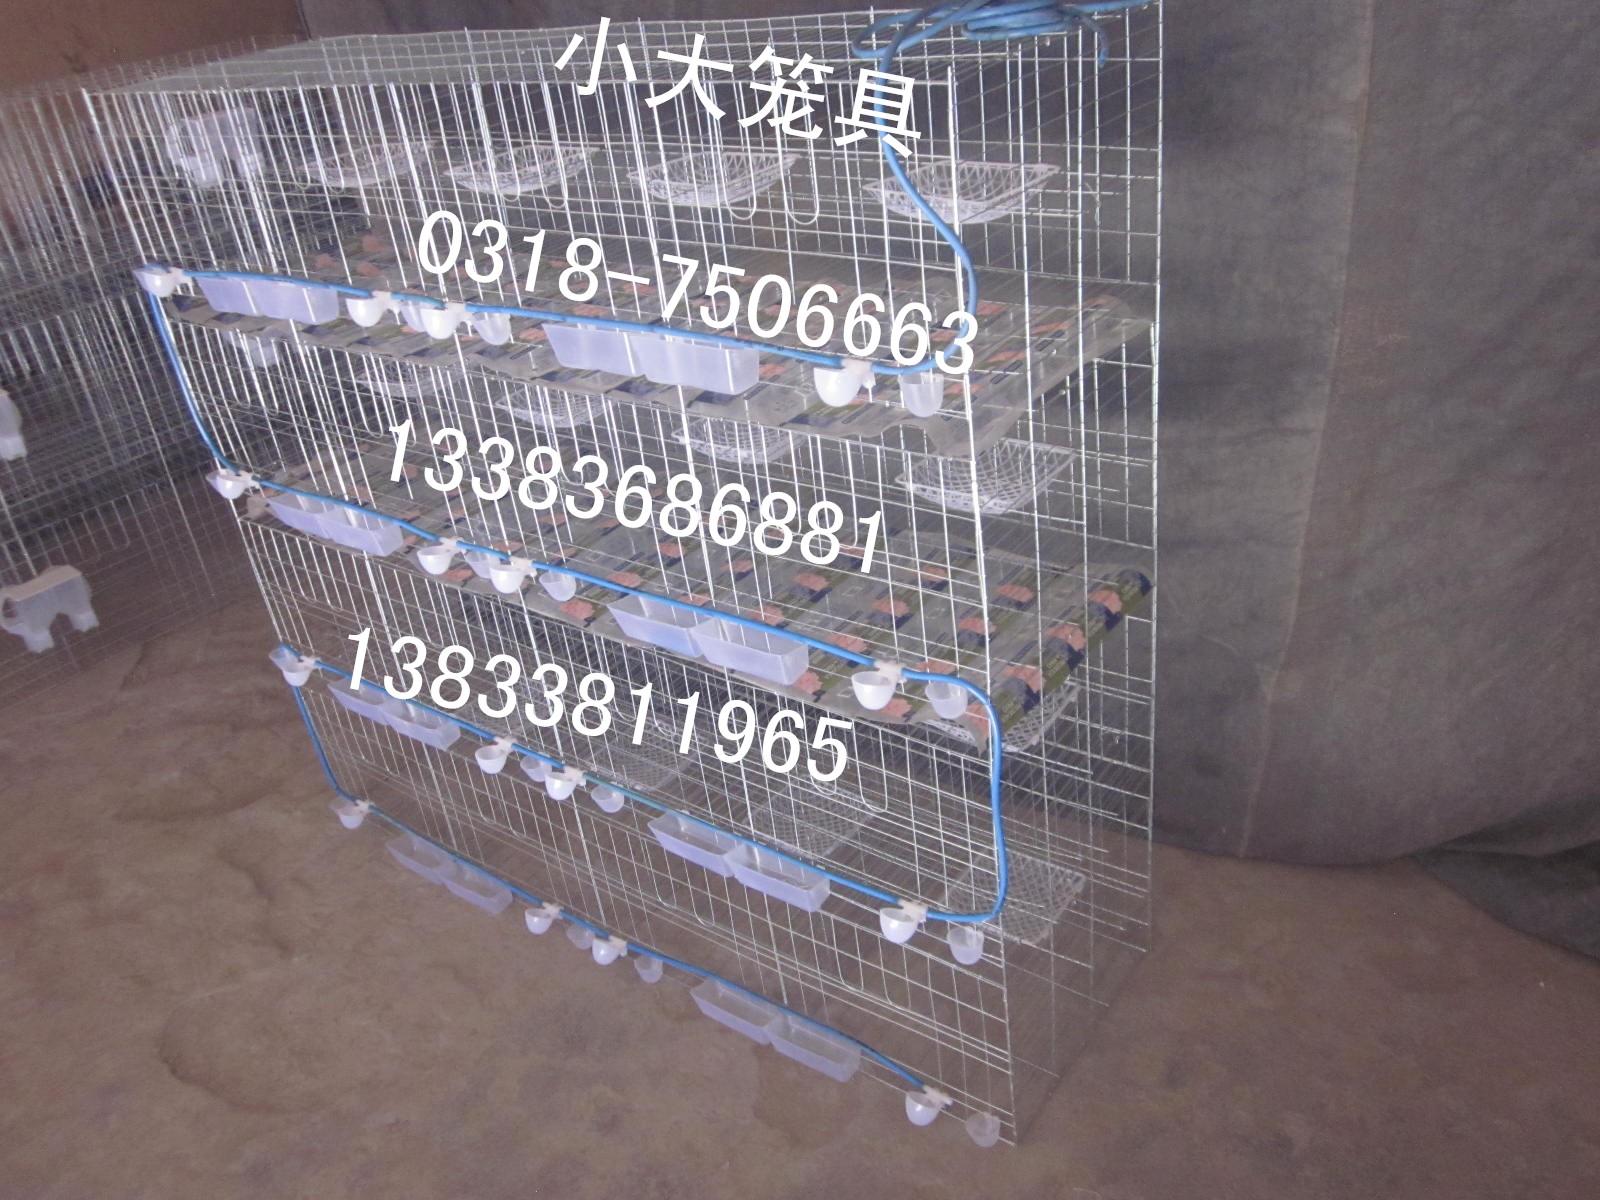 鸽子笼兔子笼宠物笼运输笼狐狸笼鹌鹑笼貉子笼鸽笼子兔笼子鸡笼子